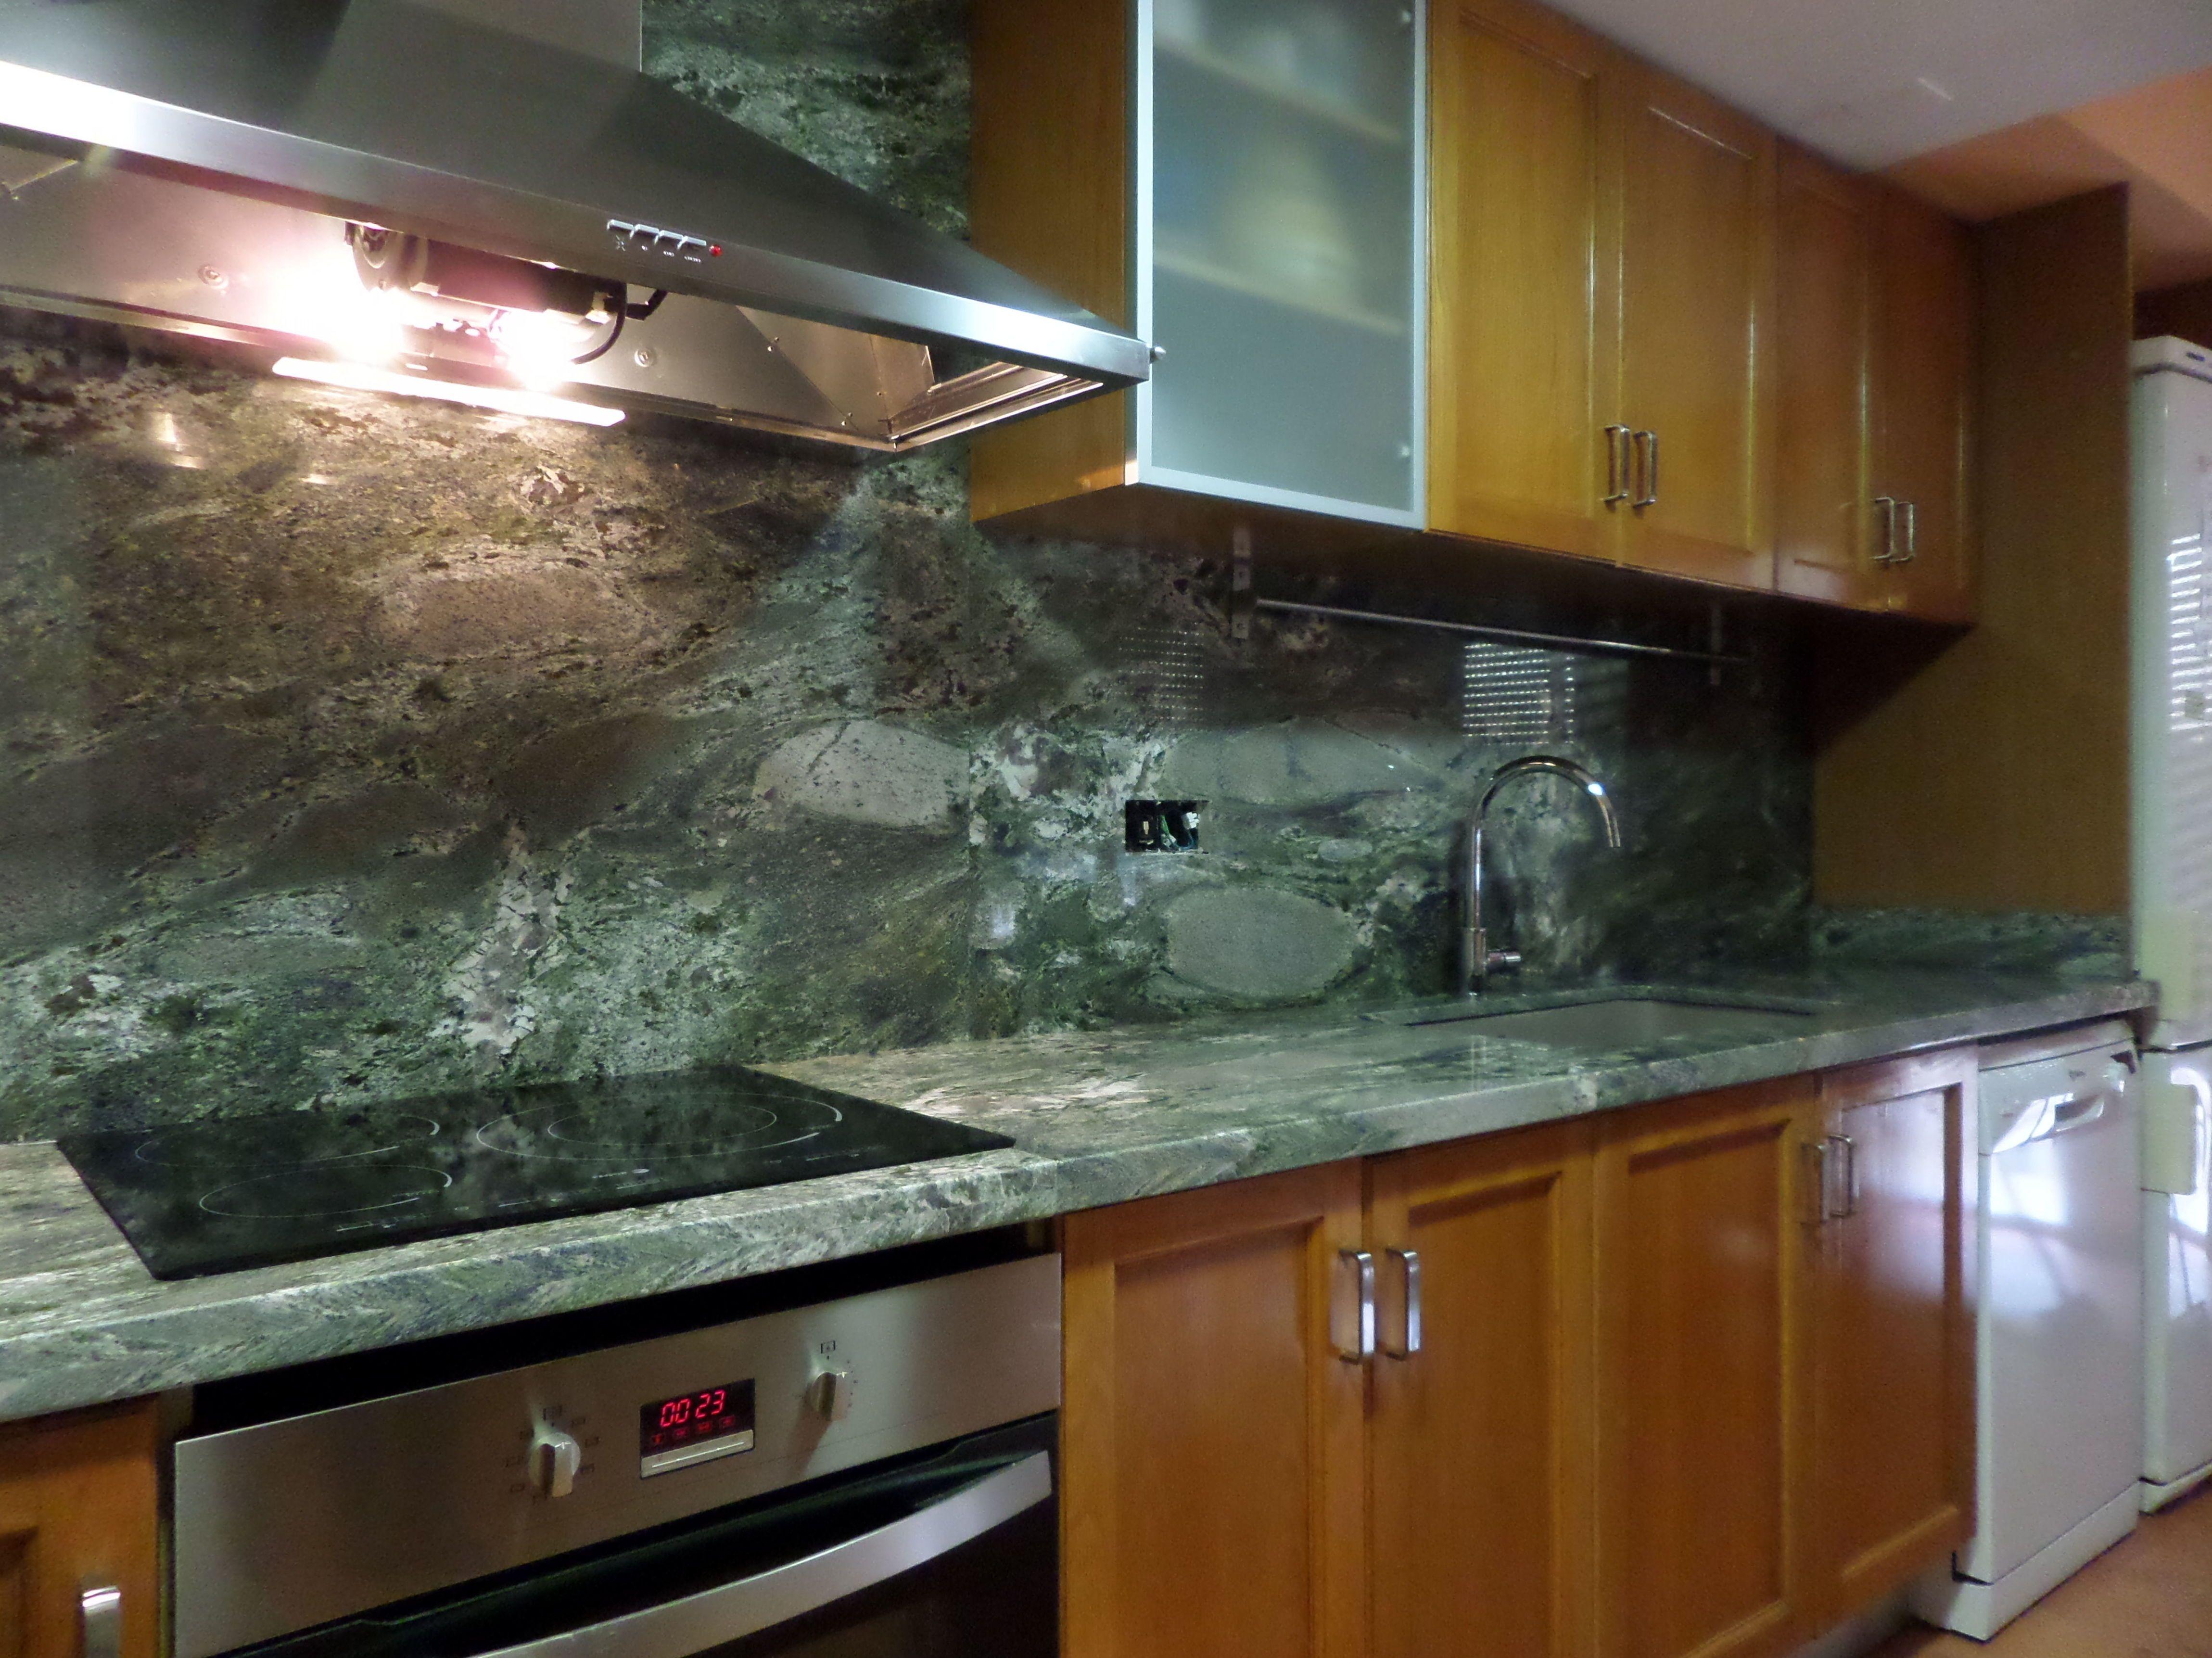 Granitos para encimeras de cocina affordable uso domstico for Encimeras de cocina